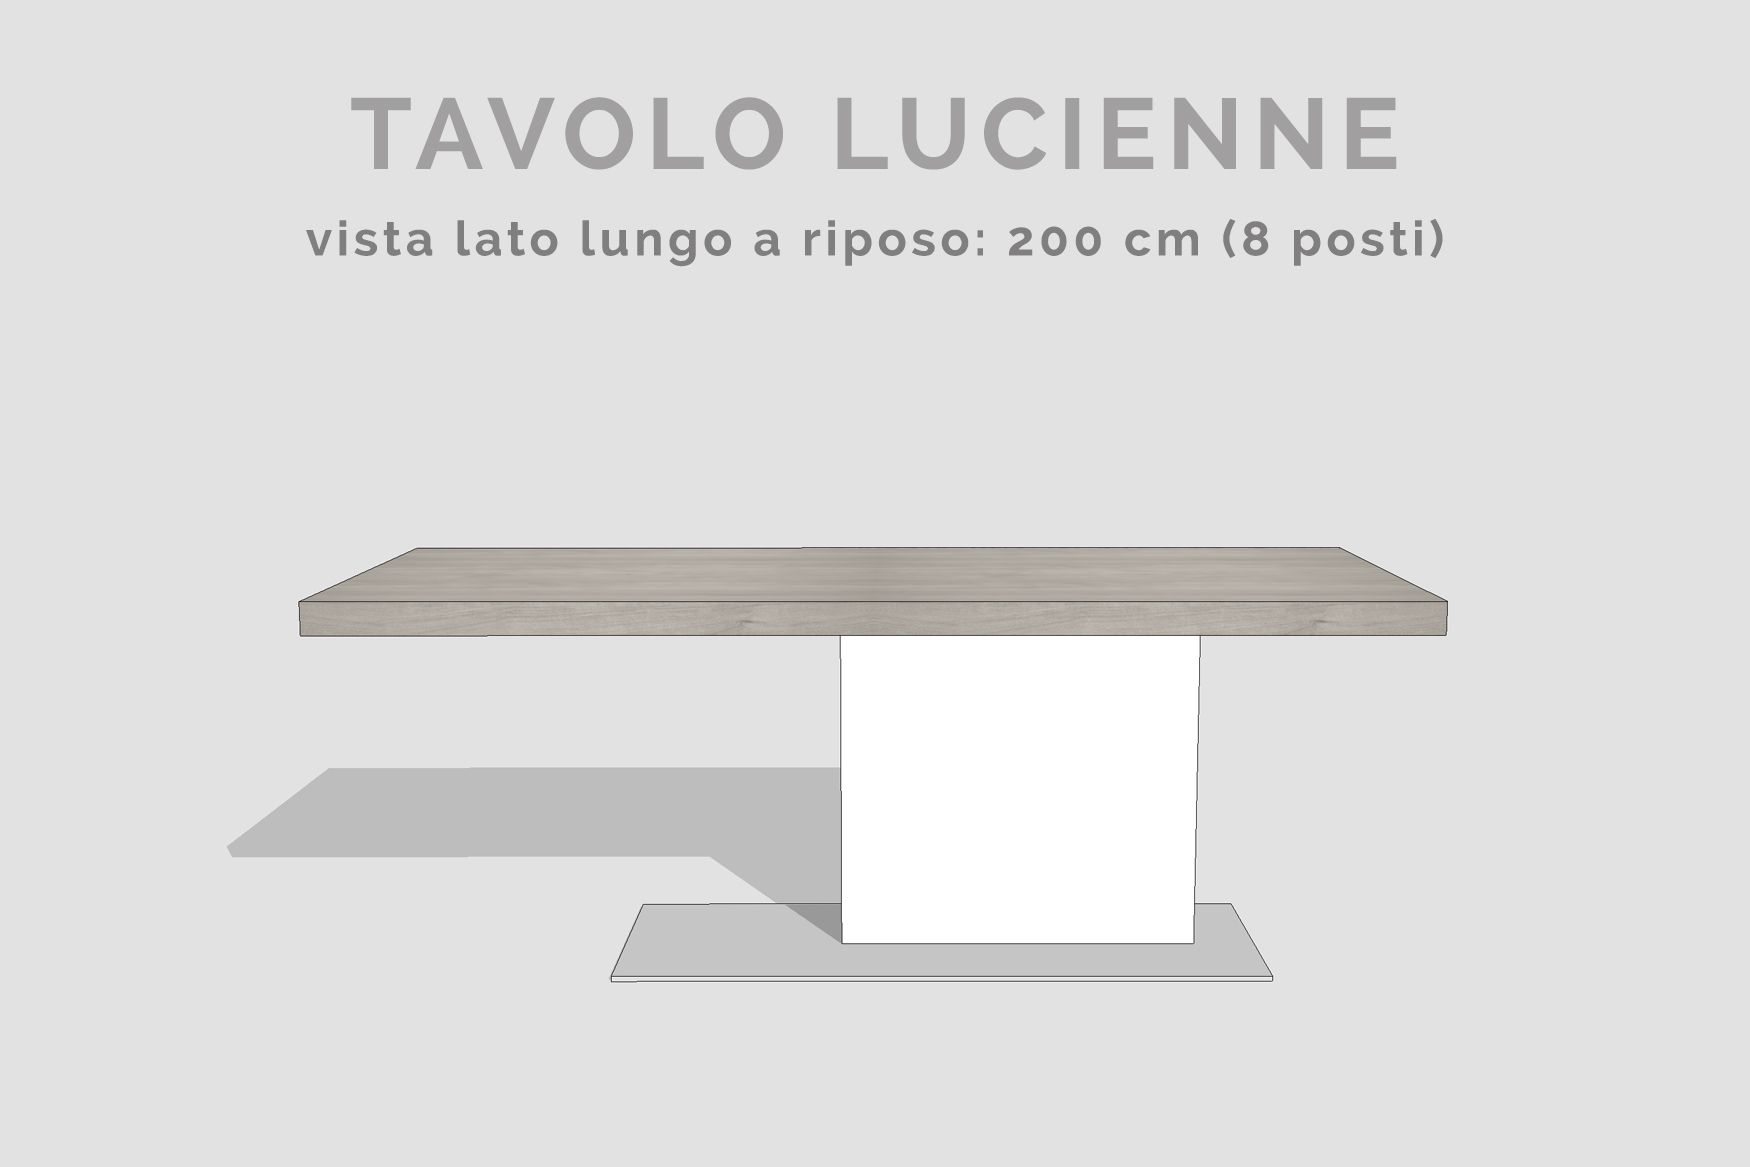 Tavolo Con Piede Centrale tavolo allungabile gamba centrale - tavolo lucienne | tavolo